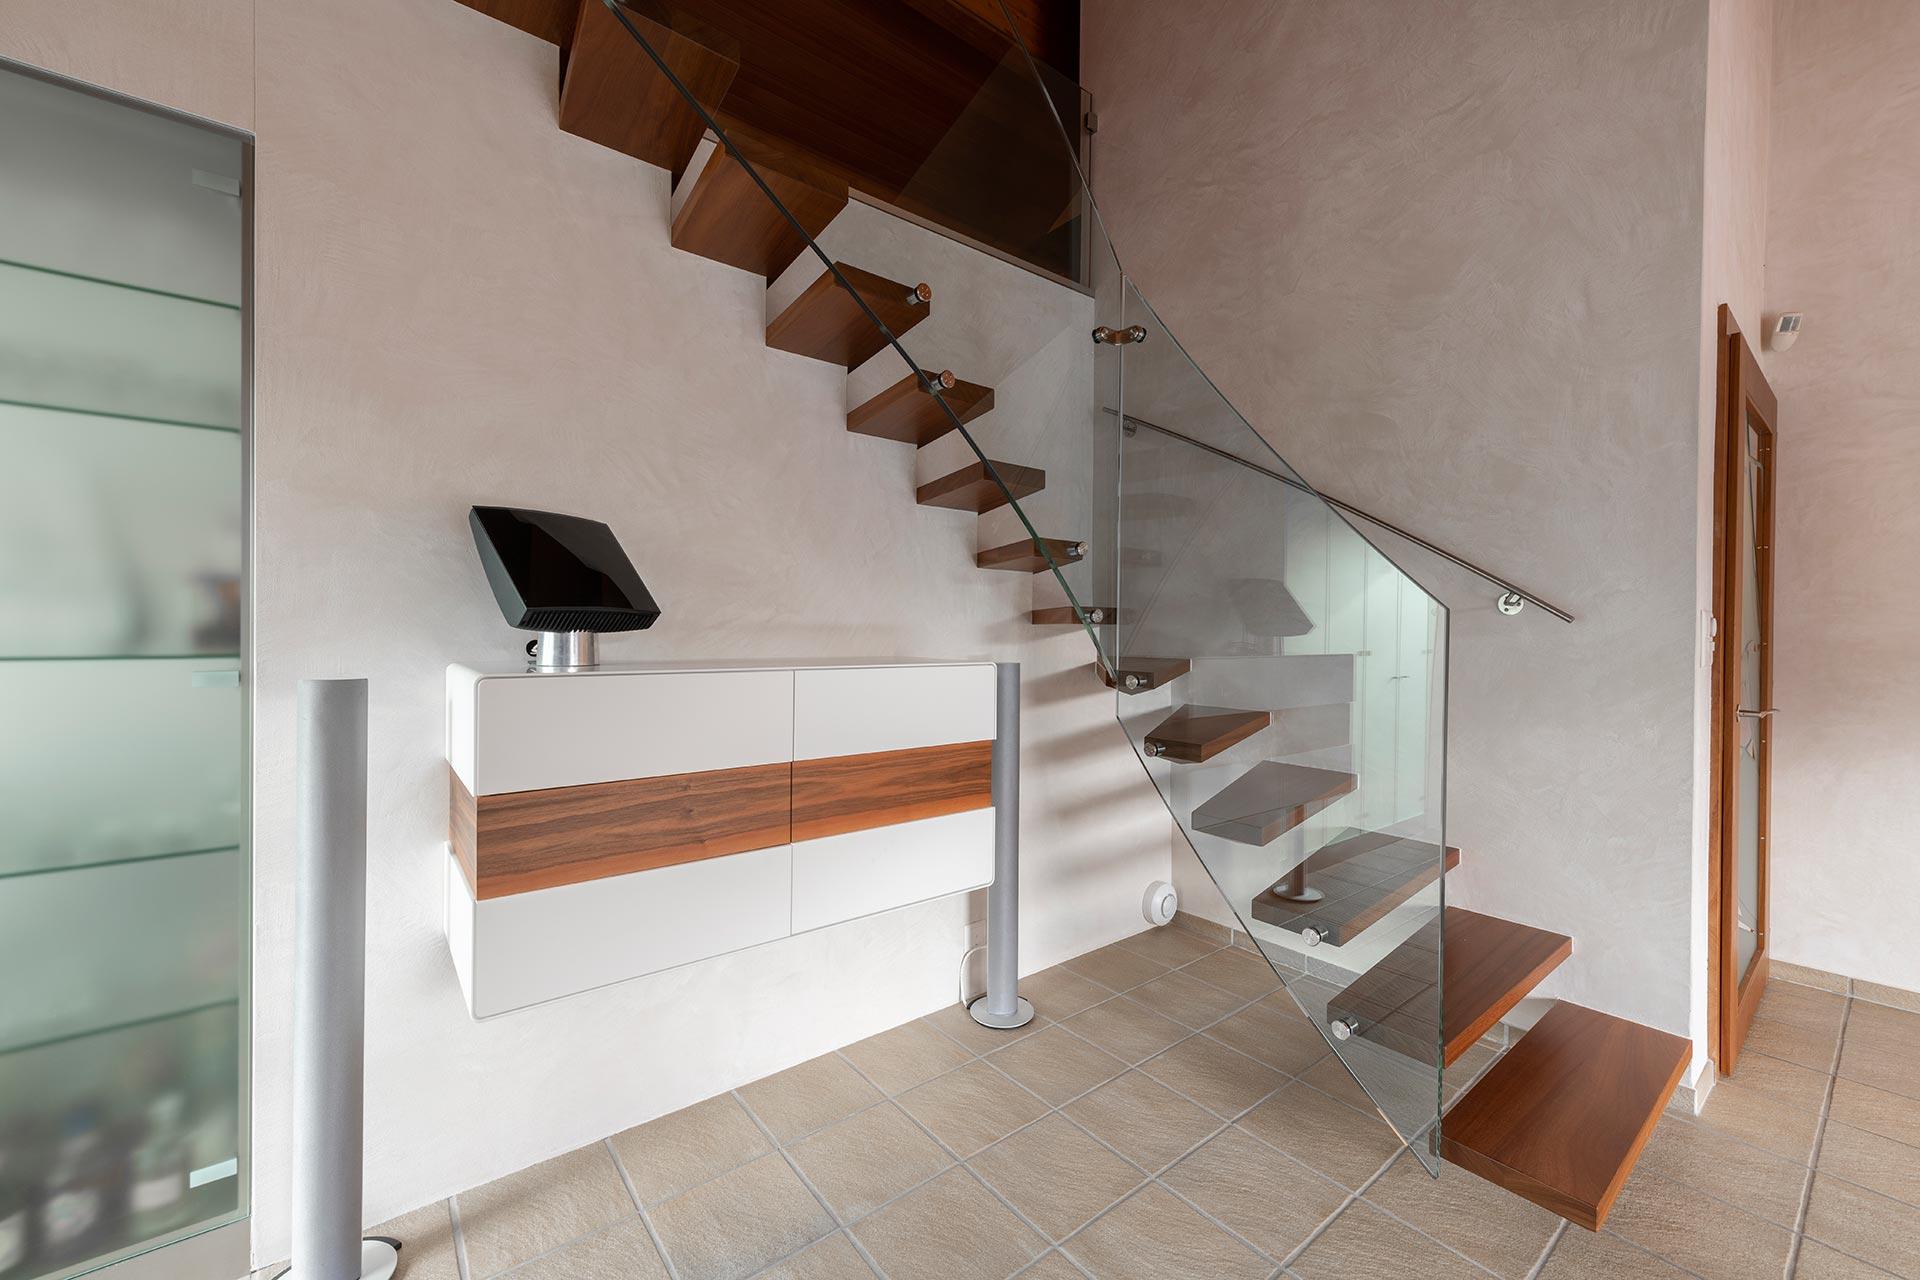 escalierDoussier02 - Escalier